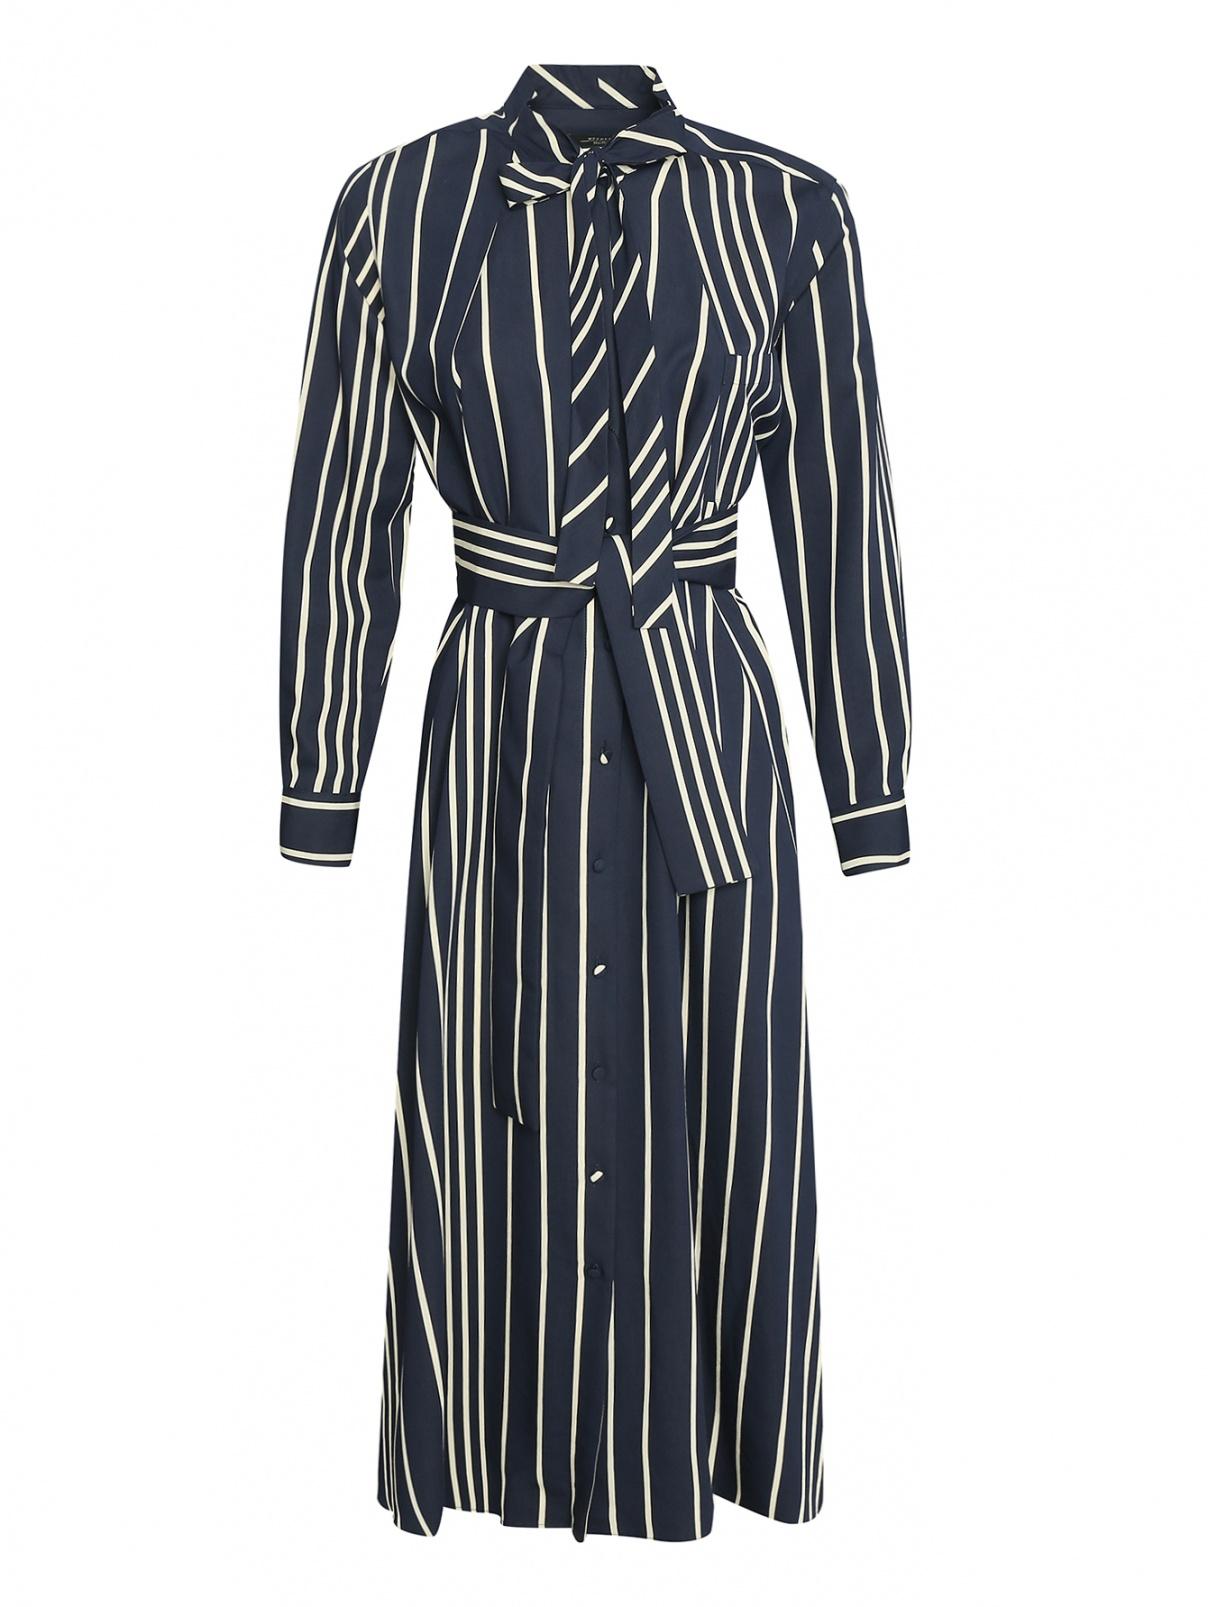 Платье в полоску длина миди на поясе Weekend Max Mara  –  Общий вид  – Цвет:  Узор